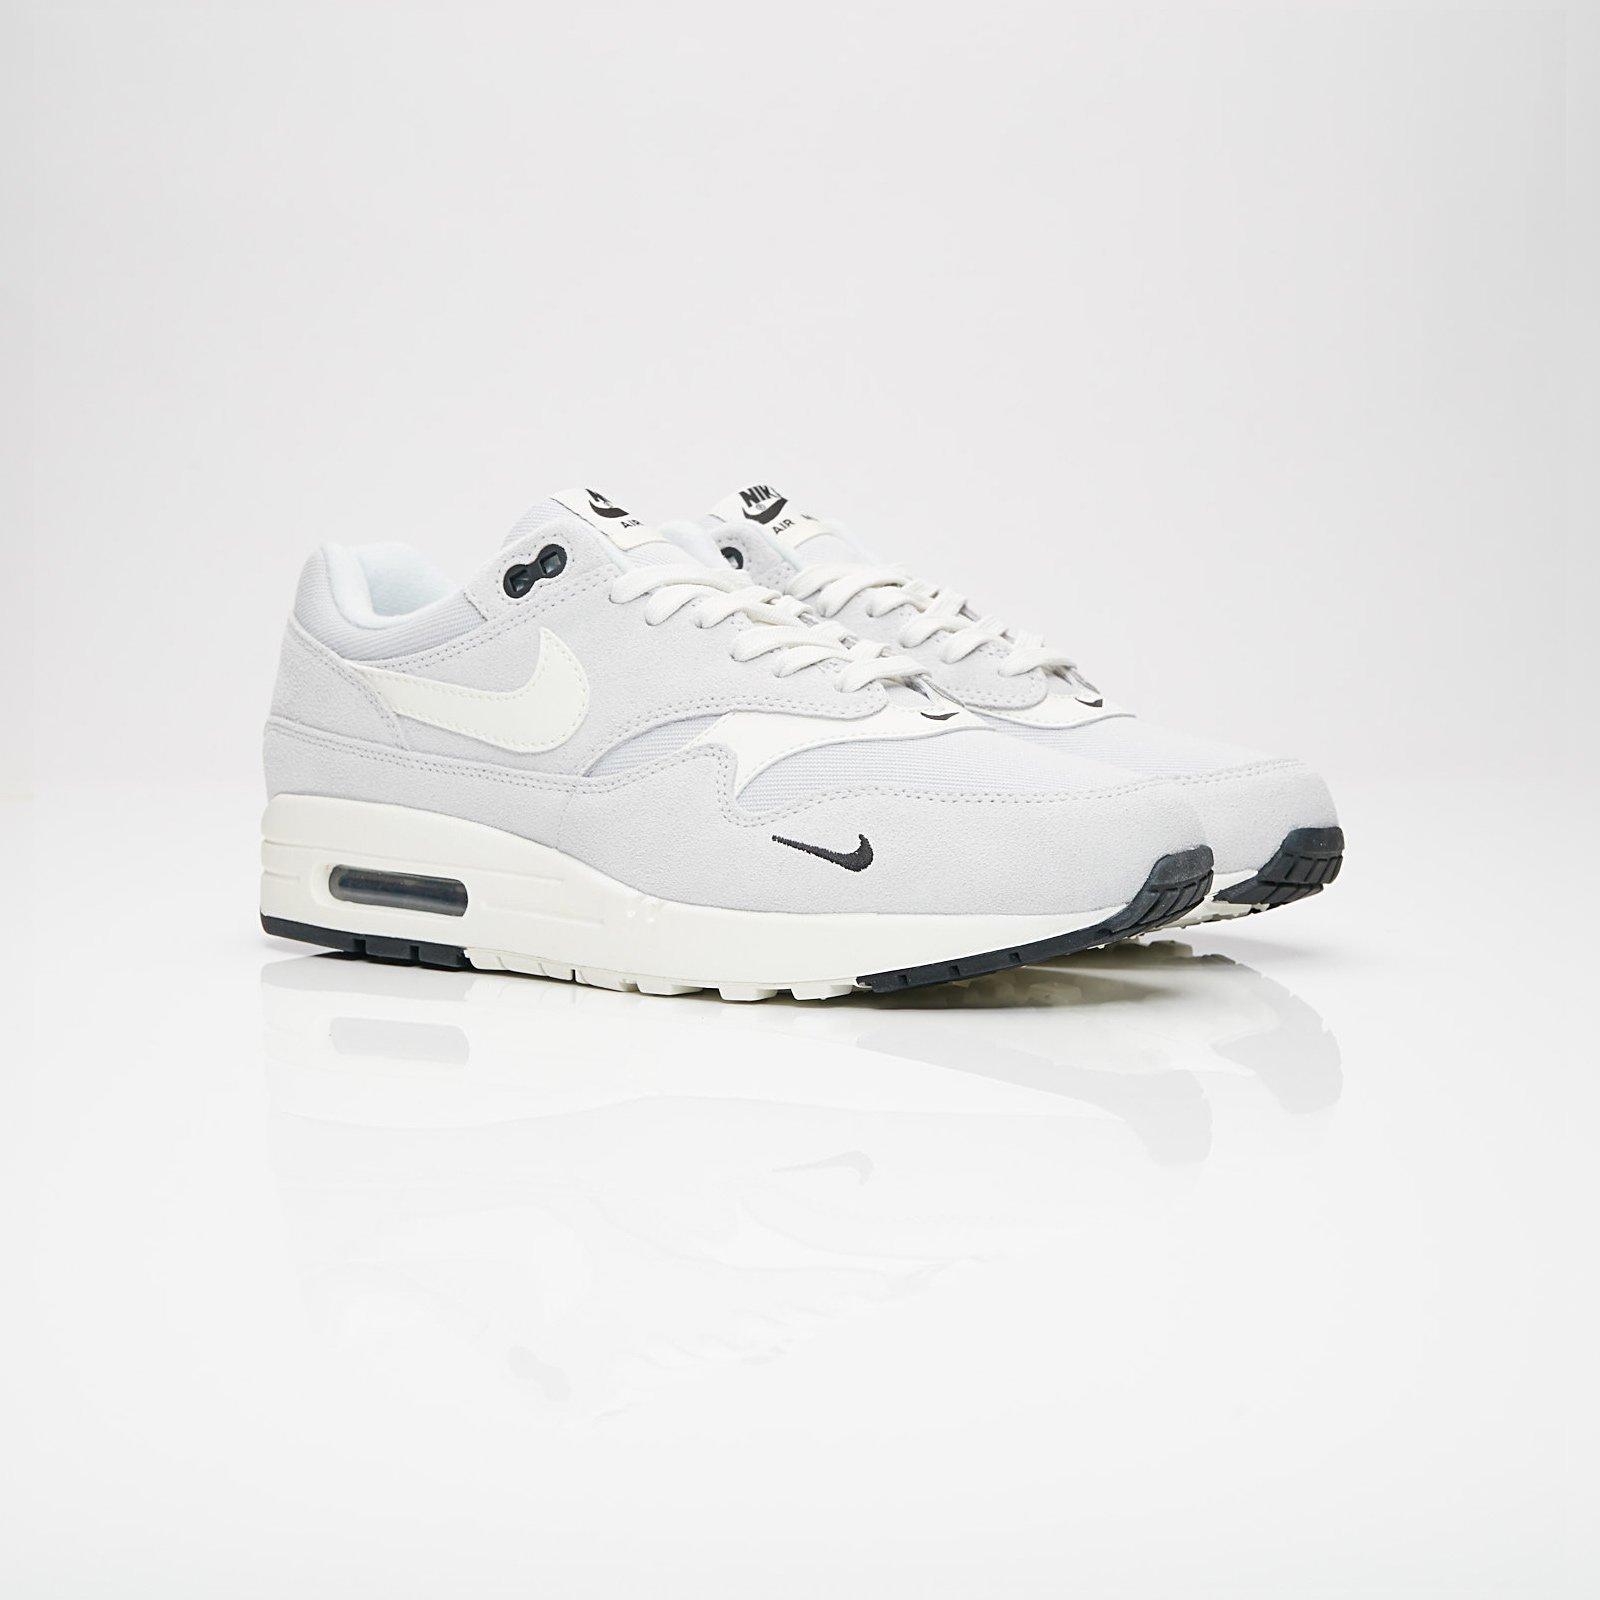 Nike Air Max 1 MIni Swoosh 875844 006 Buy Now |